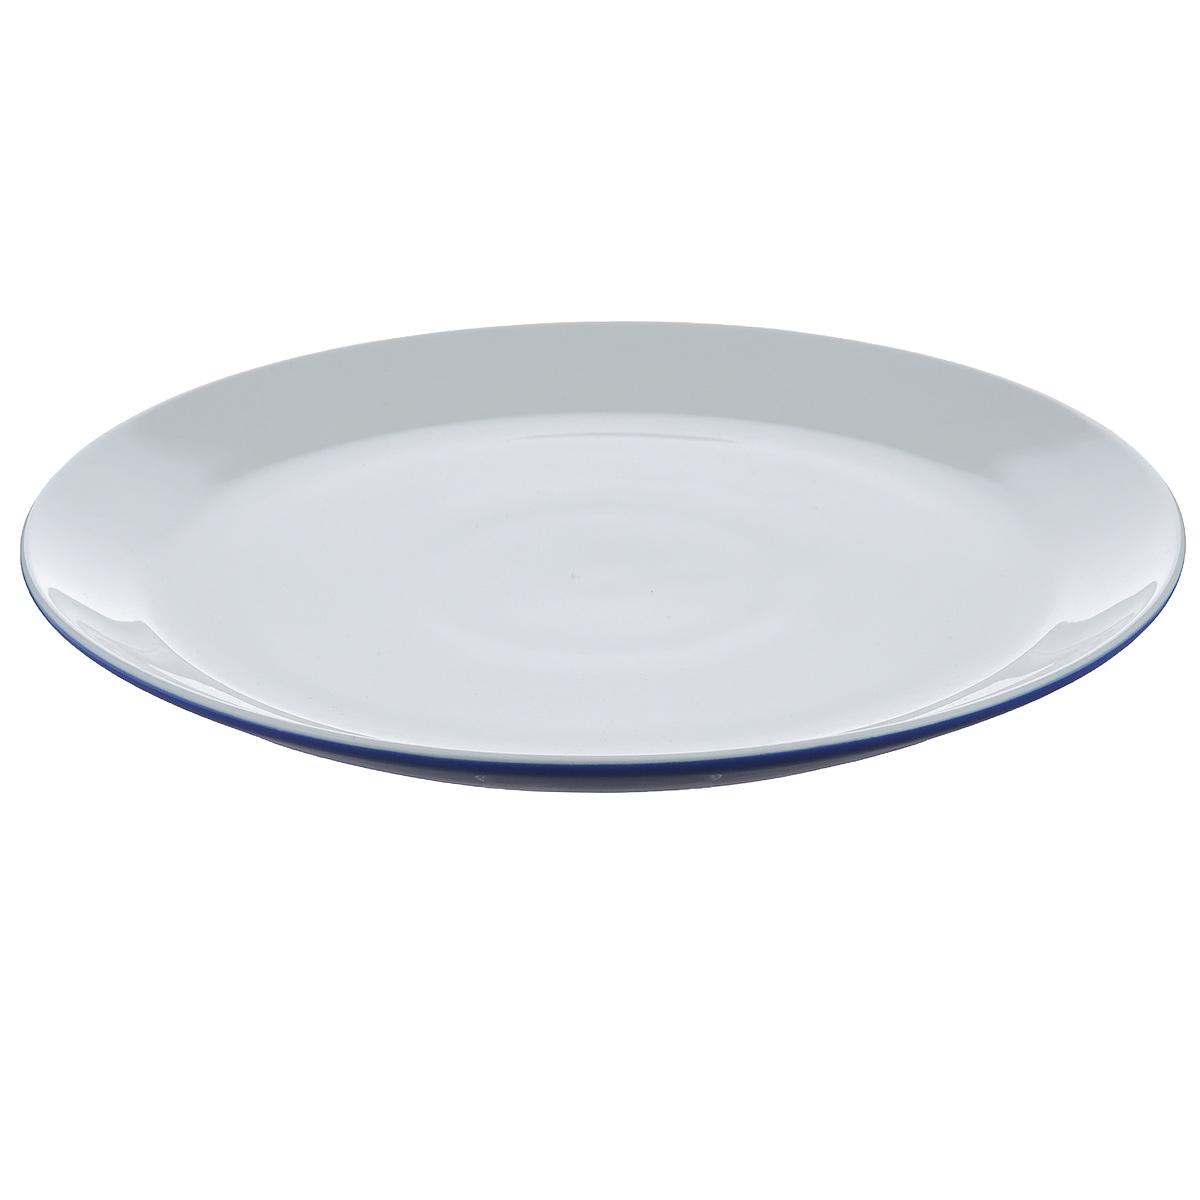 Тарелка обеденная Brabantia, цвет: фиолетовый, диаметр 27 см620744Тарелка обеденная Brabantia изготовлена из прочного высококачественного фарфора и подходит для повседневного использования. Большая тарелка предназначена для основного блюда. Всегда актуальный дизайн - подойдет для любого случая. Можно нагревать в микроволновой печи и мыть в посудомоечной машине.